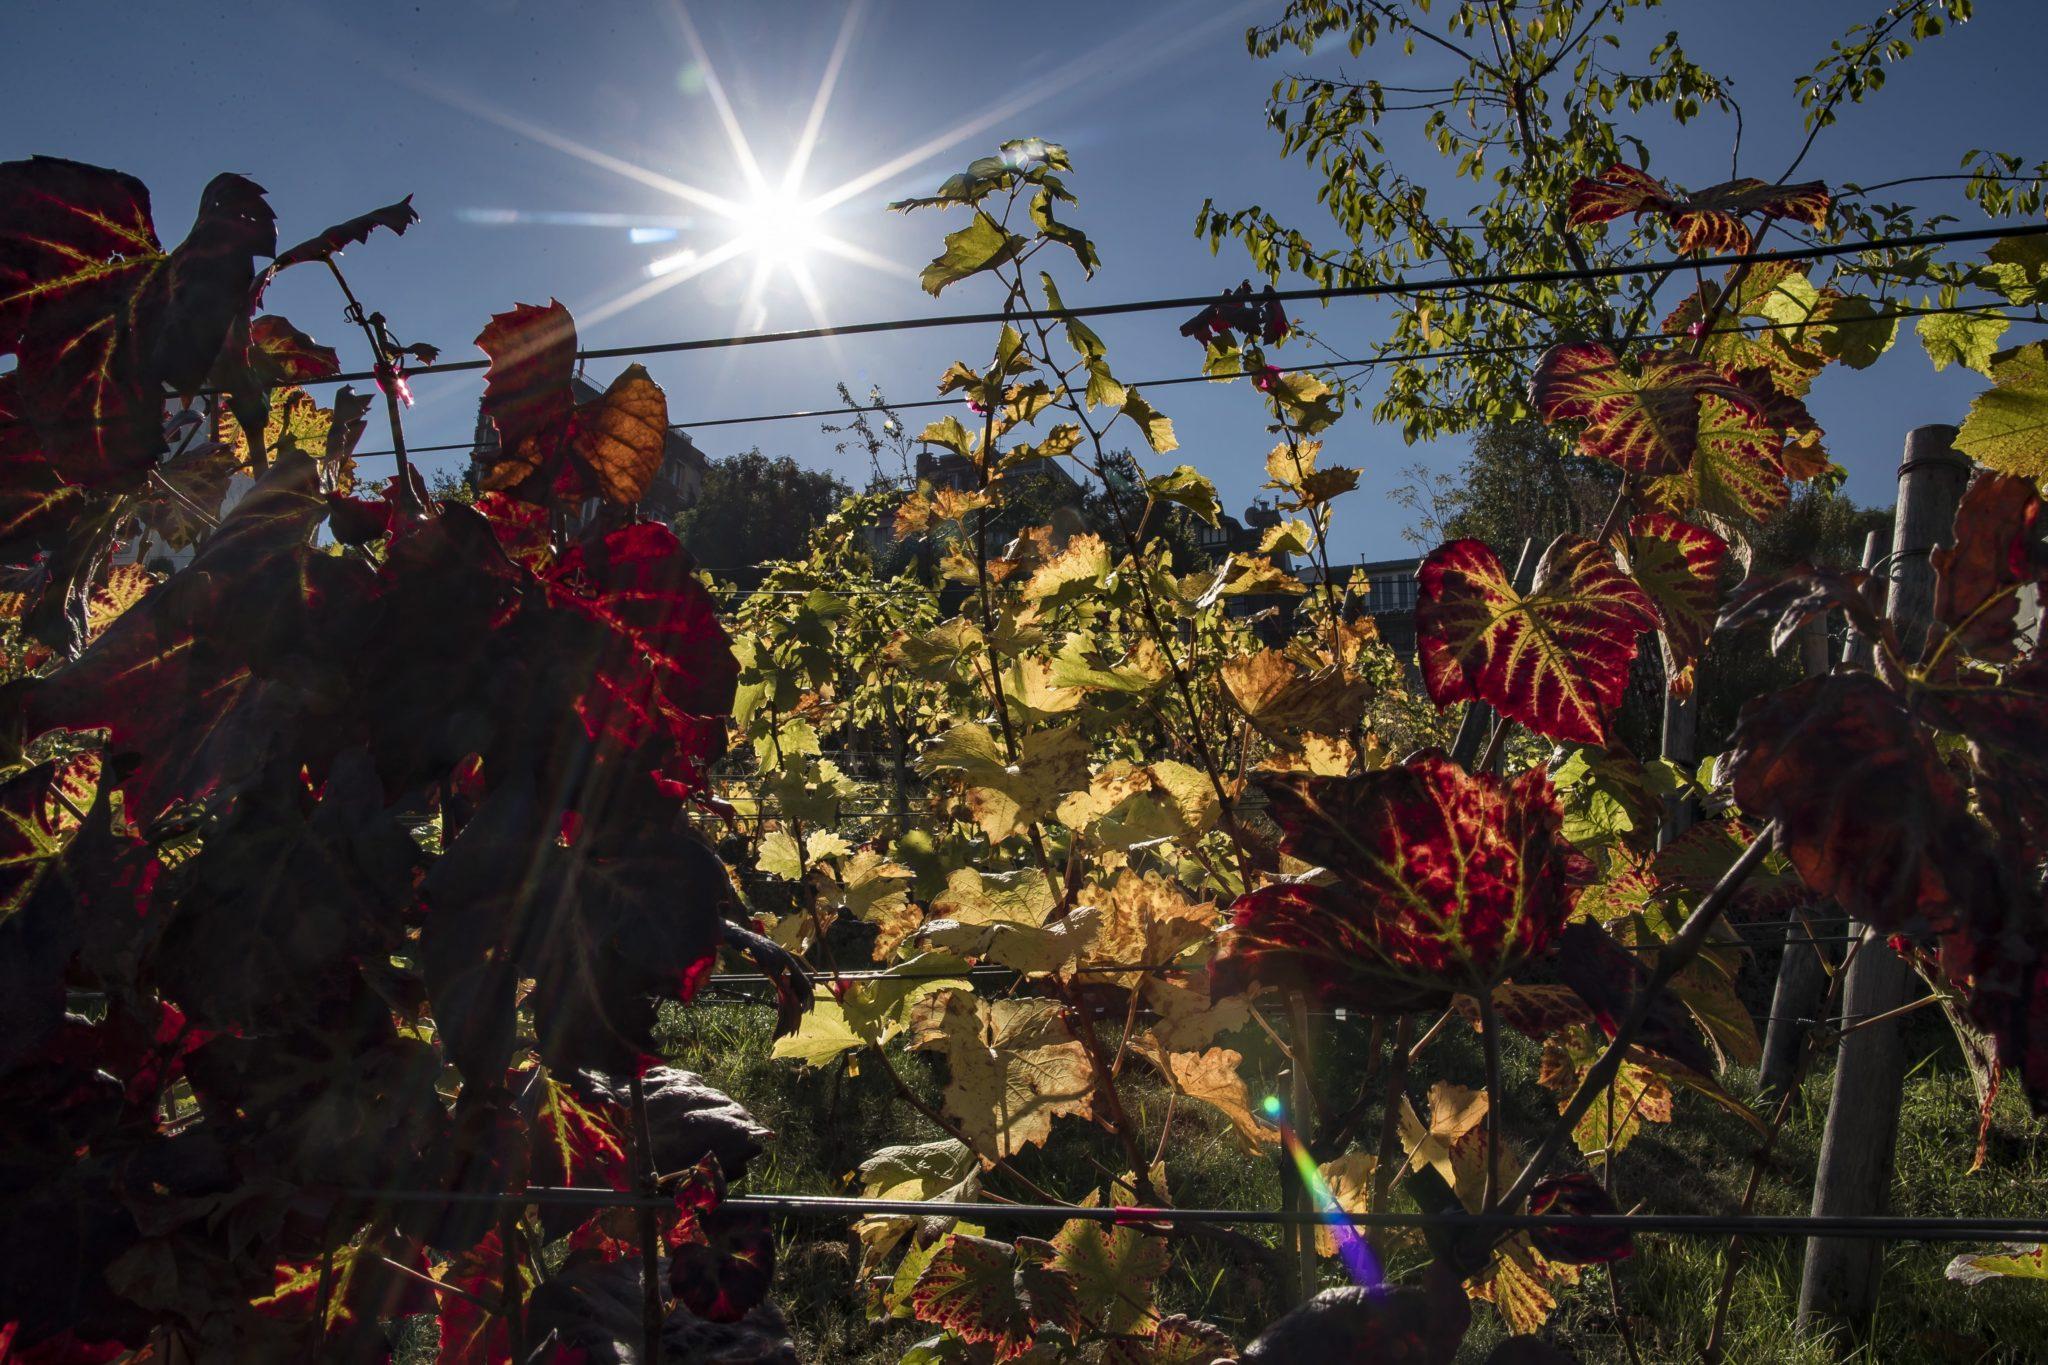 Poranne słońce oświetla Clos de Montmartre, niewielką winnicę niedaleko Paryża, należący do Paryża, położony w Montmartre w 18. dzielnicy Paryża, fot. Ian Langsdon, PAP/EPA